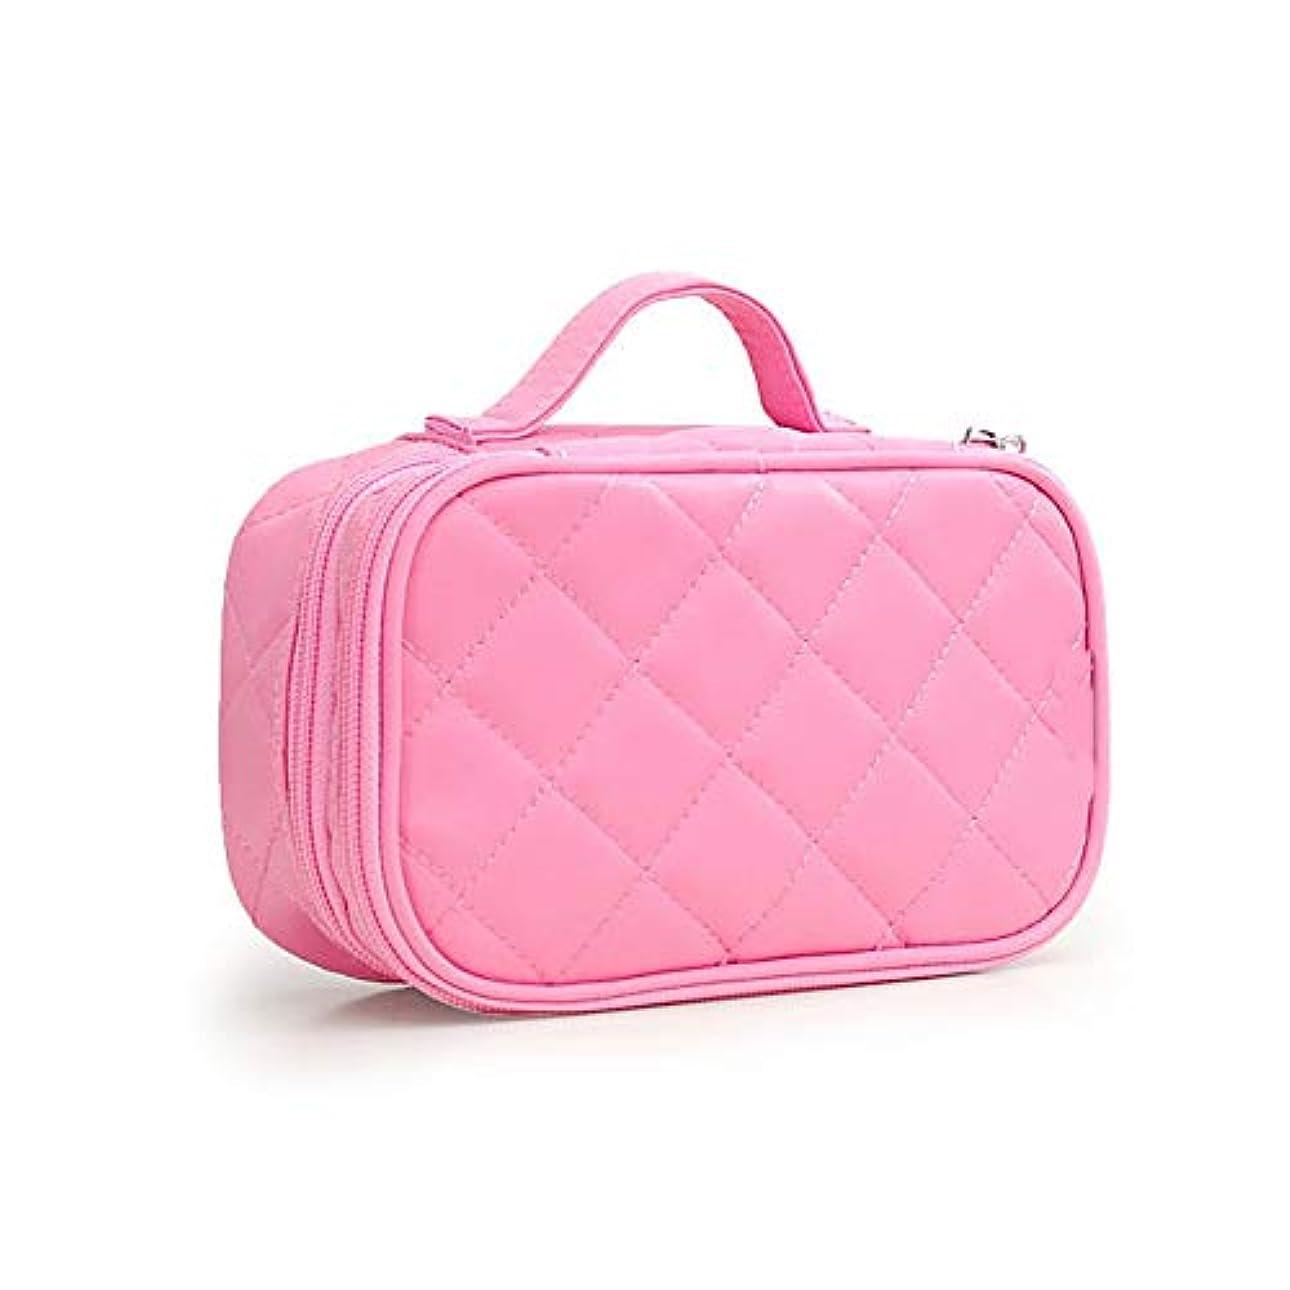 子供達時折武器化粧オーガナイザーバッグ 女性の化粧品バッグのポータブル韓国語バージョン創造的な ナイロン防水洗浄バッグ。 化粧品ケース (色 : ピンク)